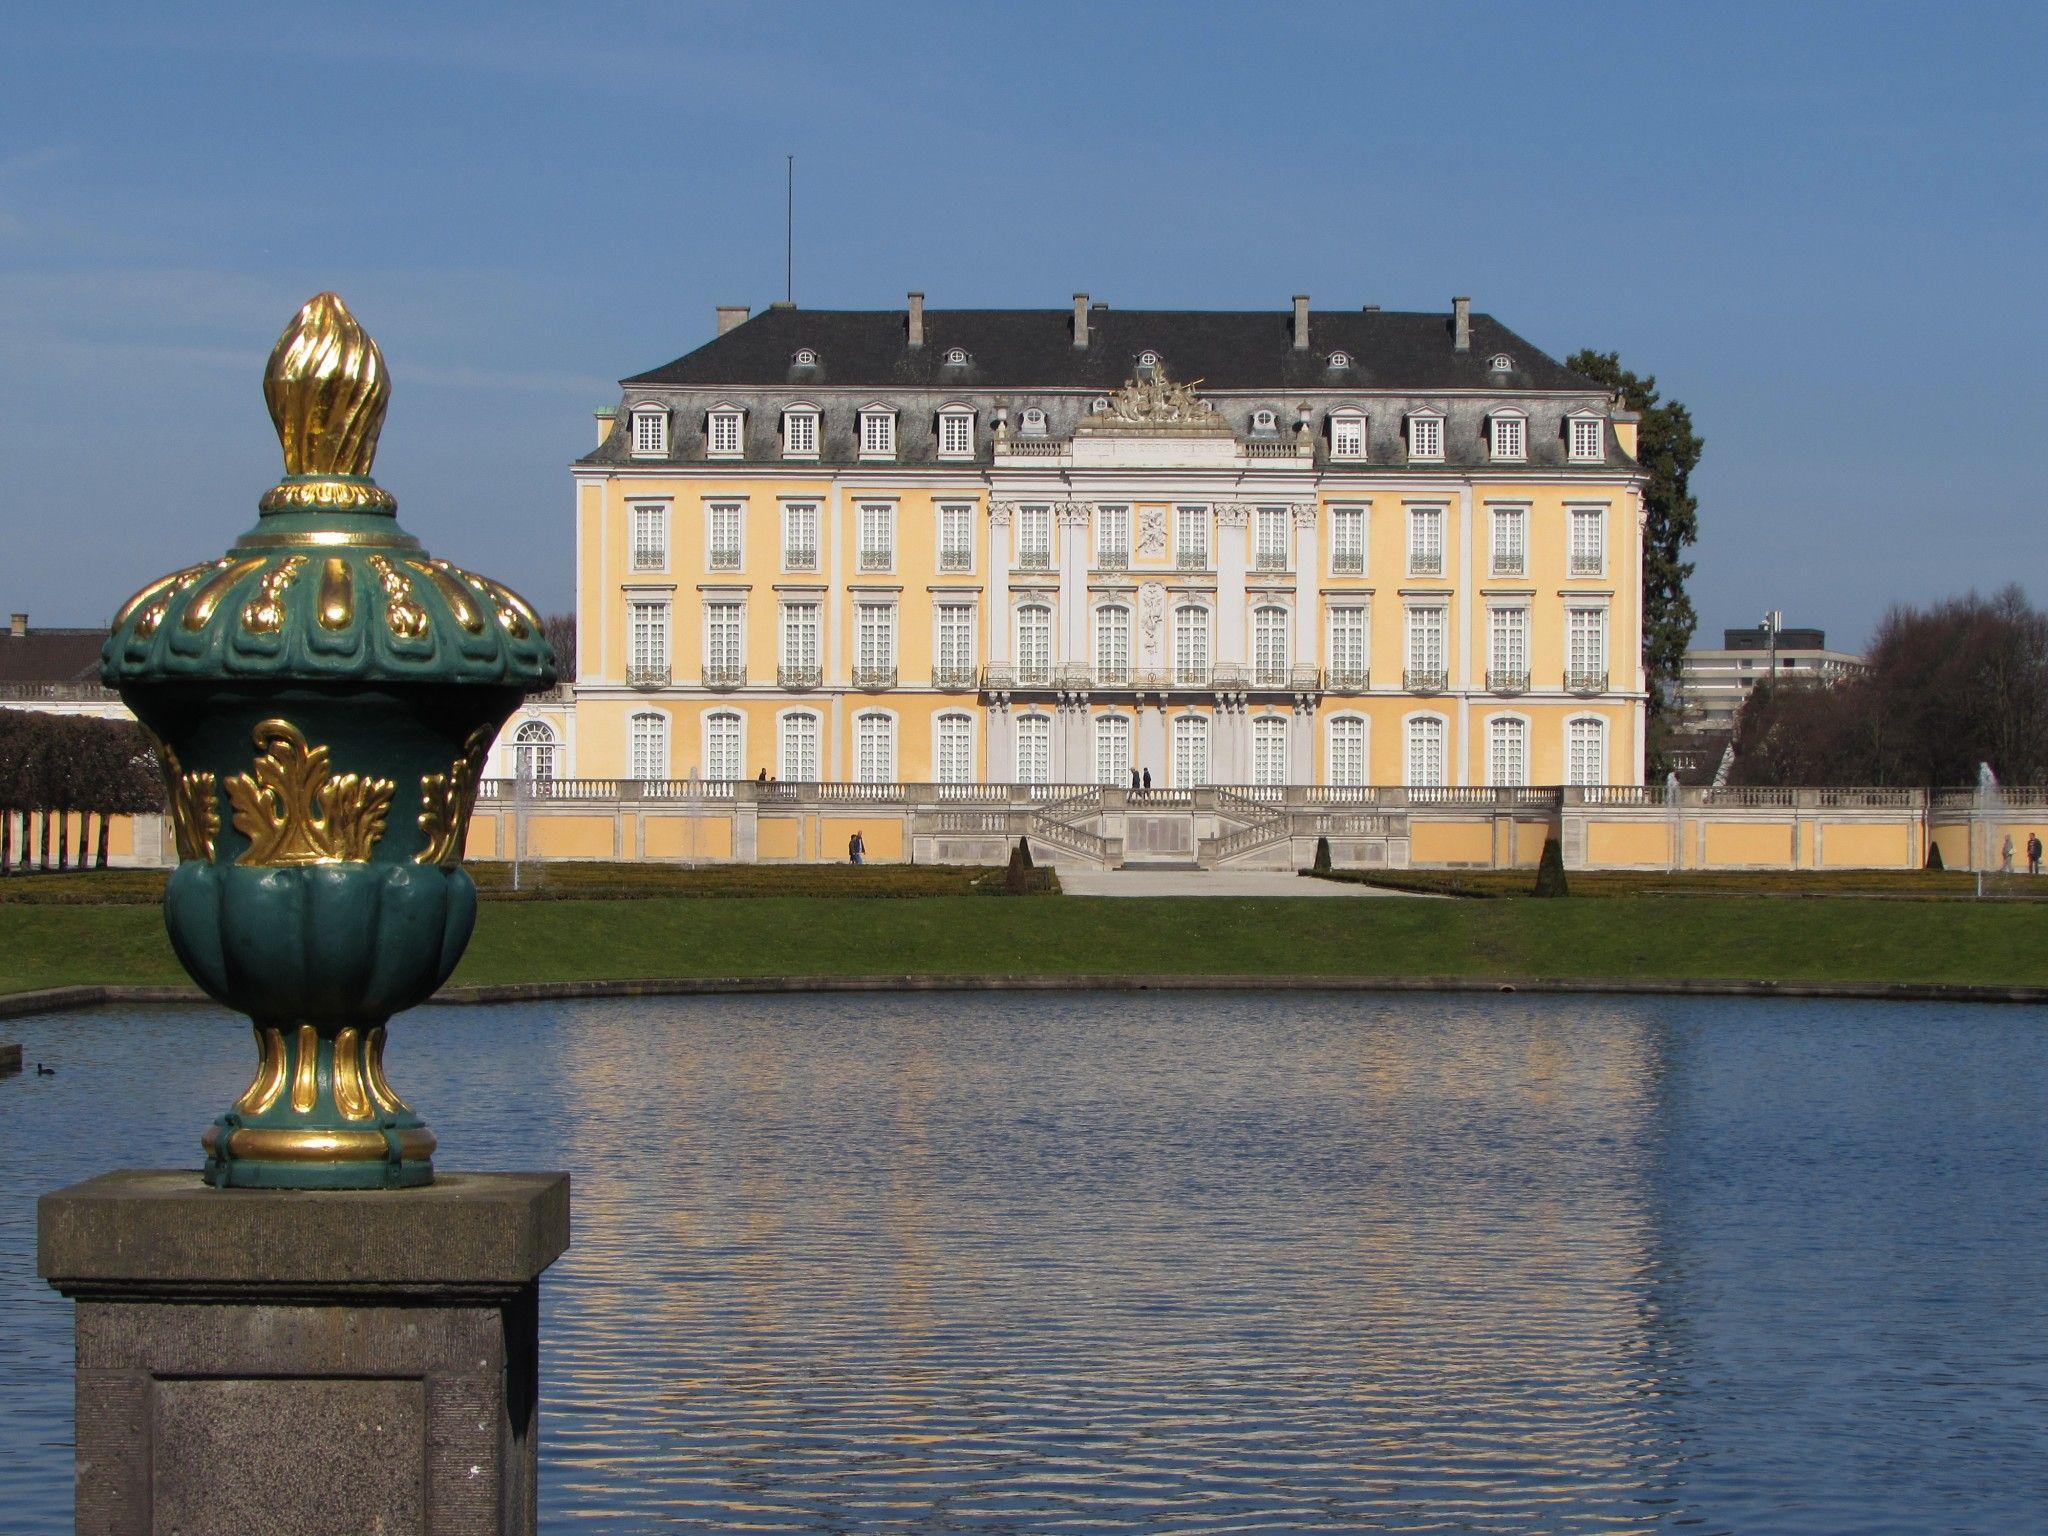 Palacio De Augustusburg En Bruhl Obra Maestra Del Rococo En Alemania En 2020 Palacios Maestros Alemania